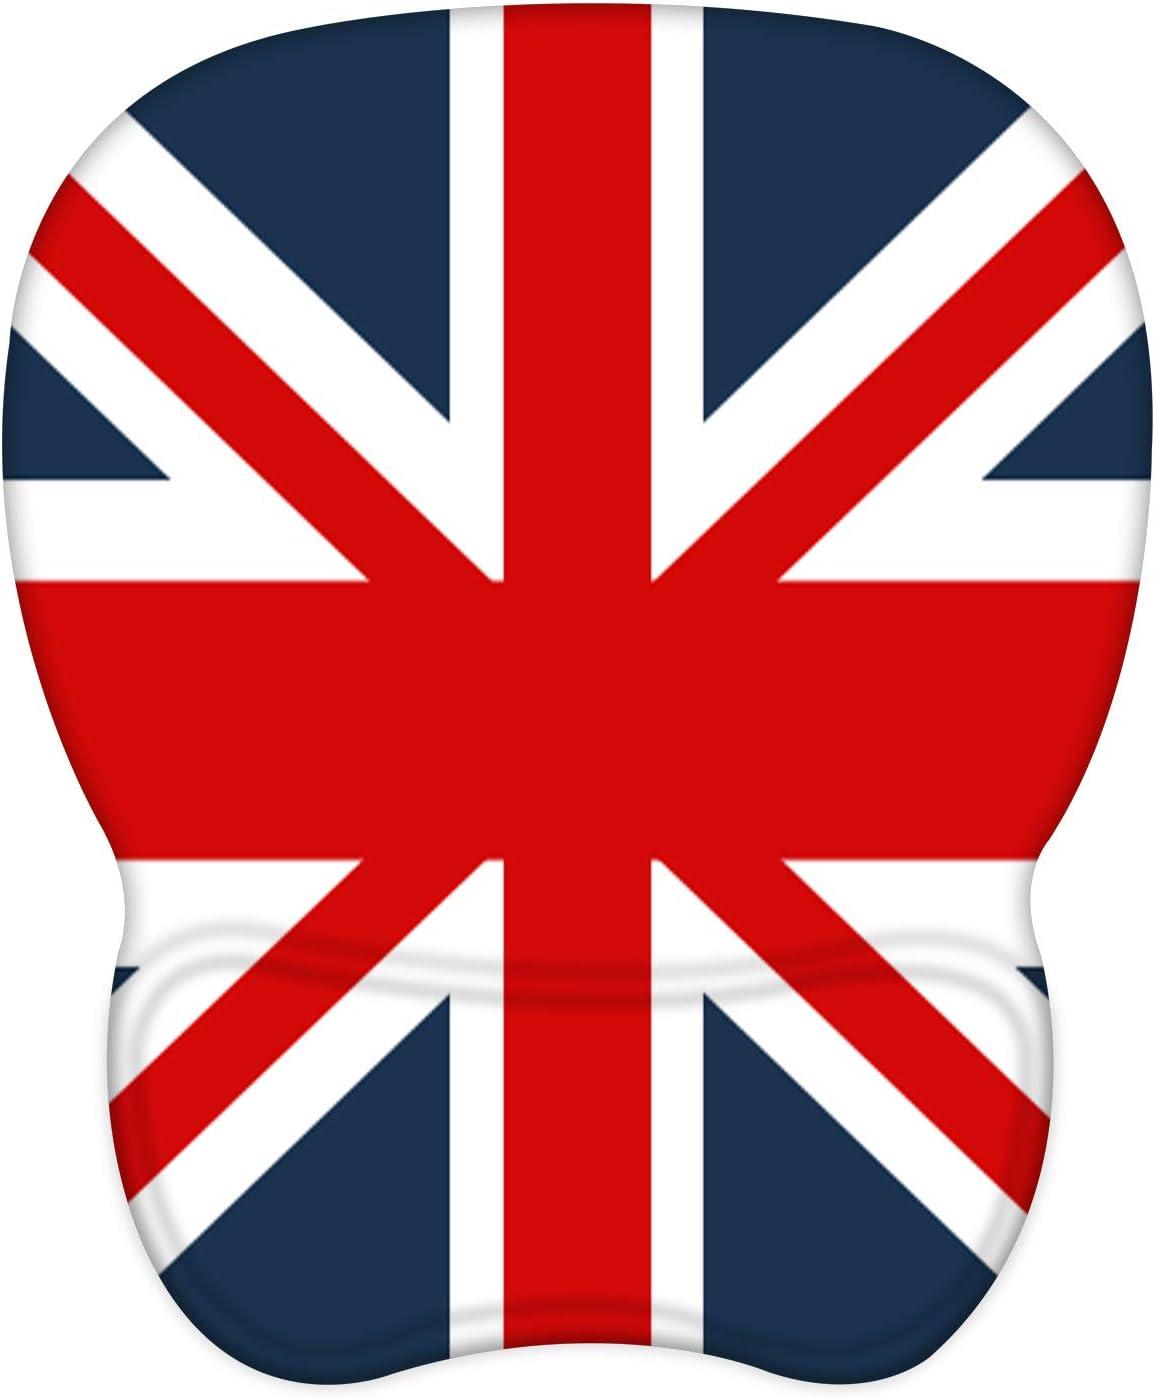 EooCoo Alfombrilla de Ratón con Reposamuñecas de Gel, Base de Silicona Antideslizante y Superficie sedosa, 4mm - Bandera Británica